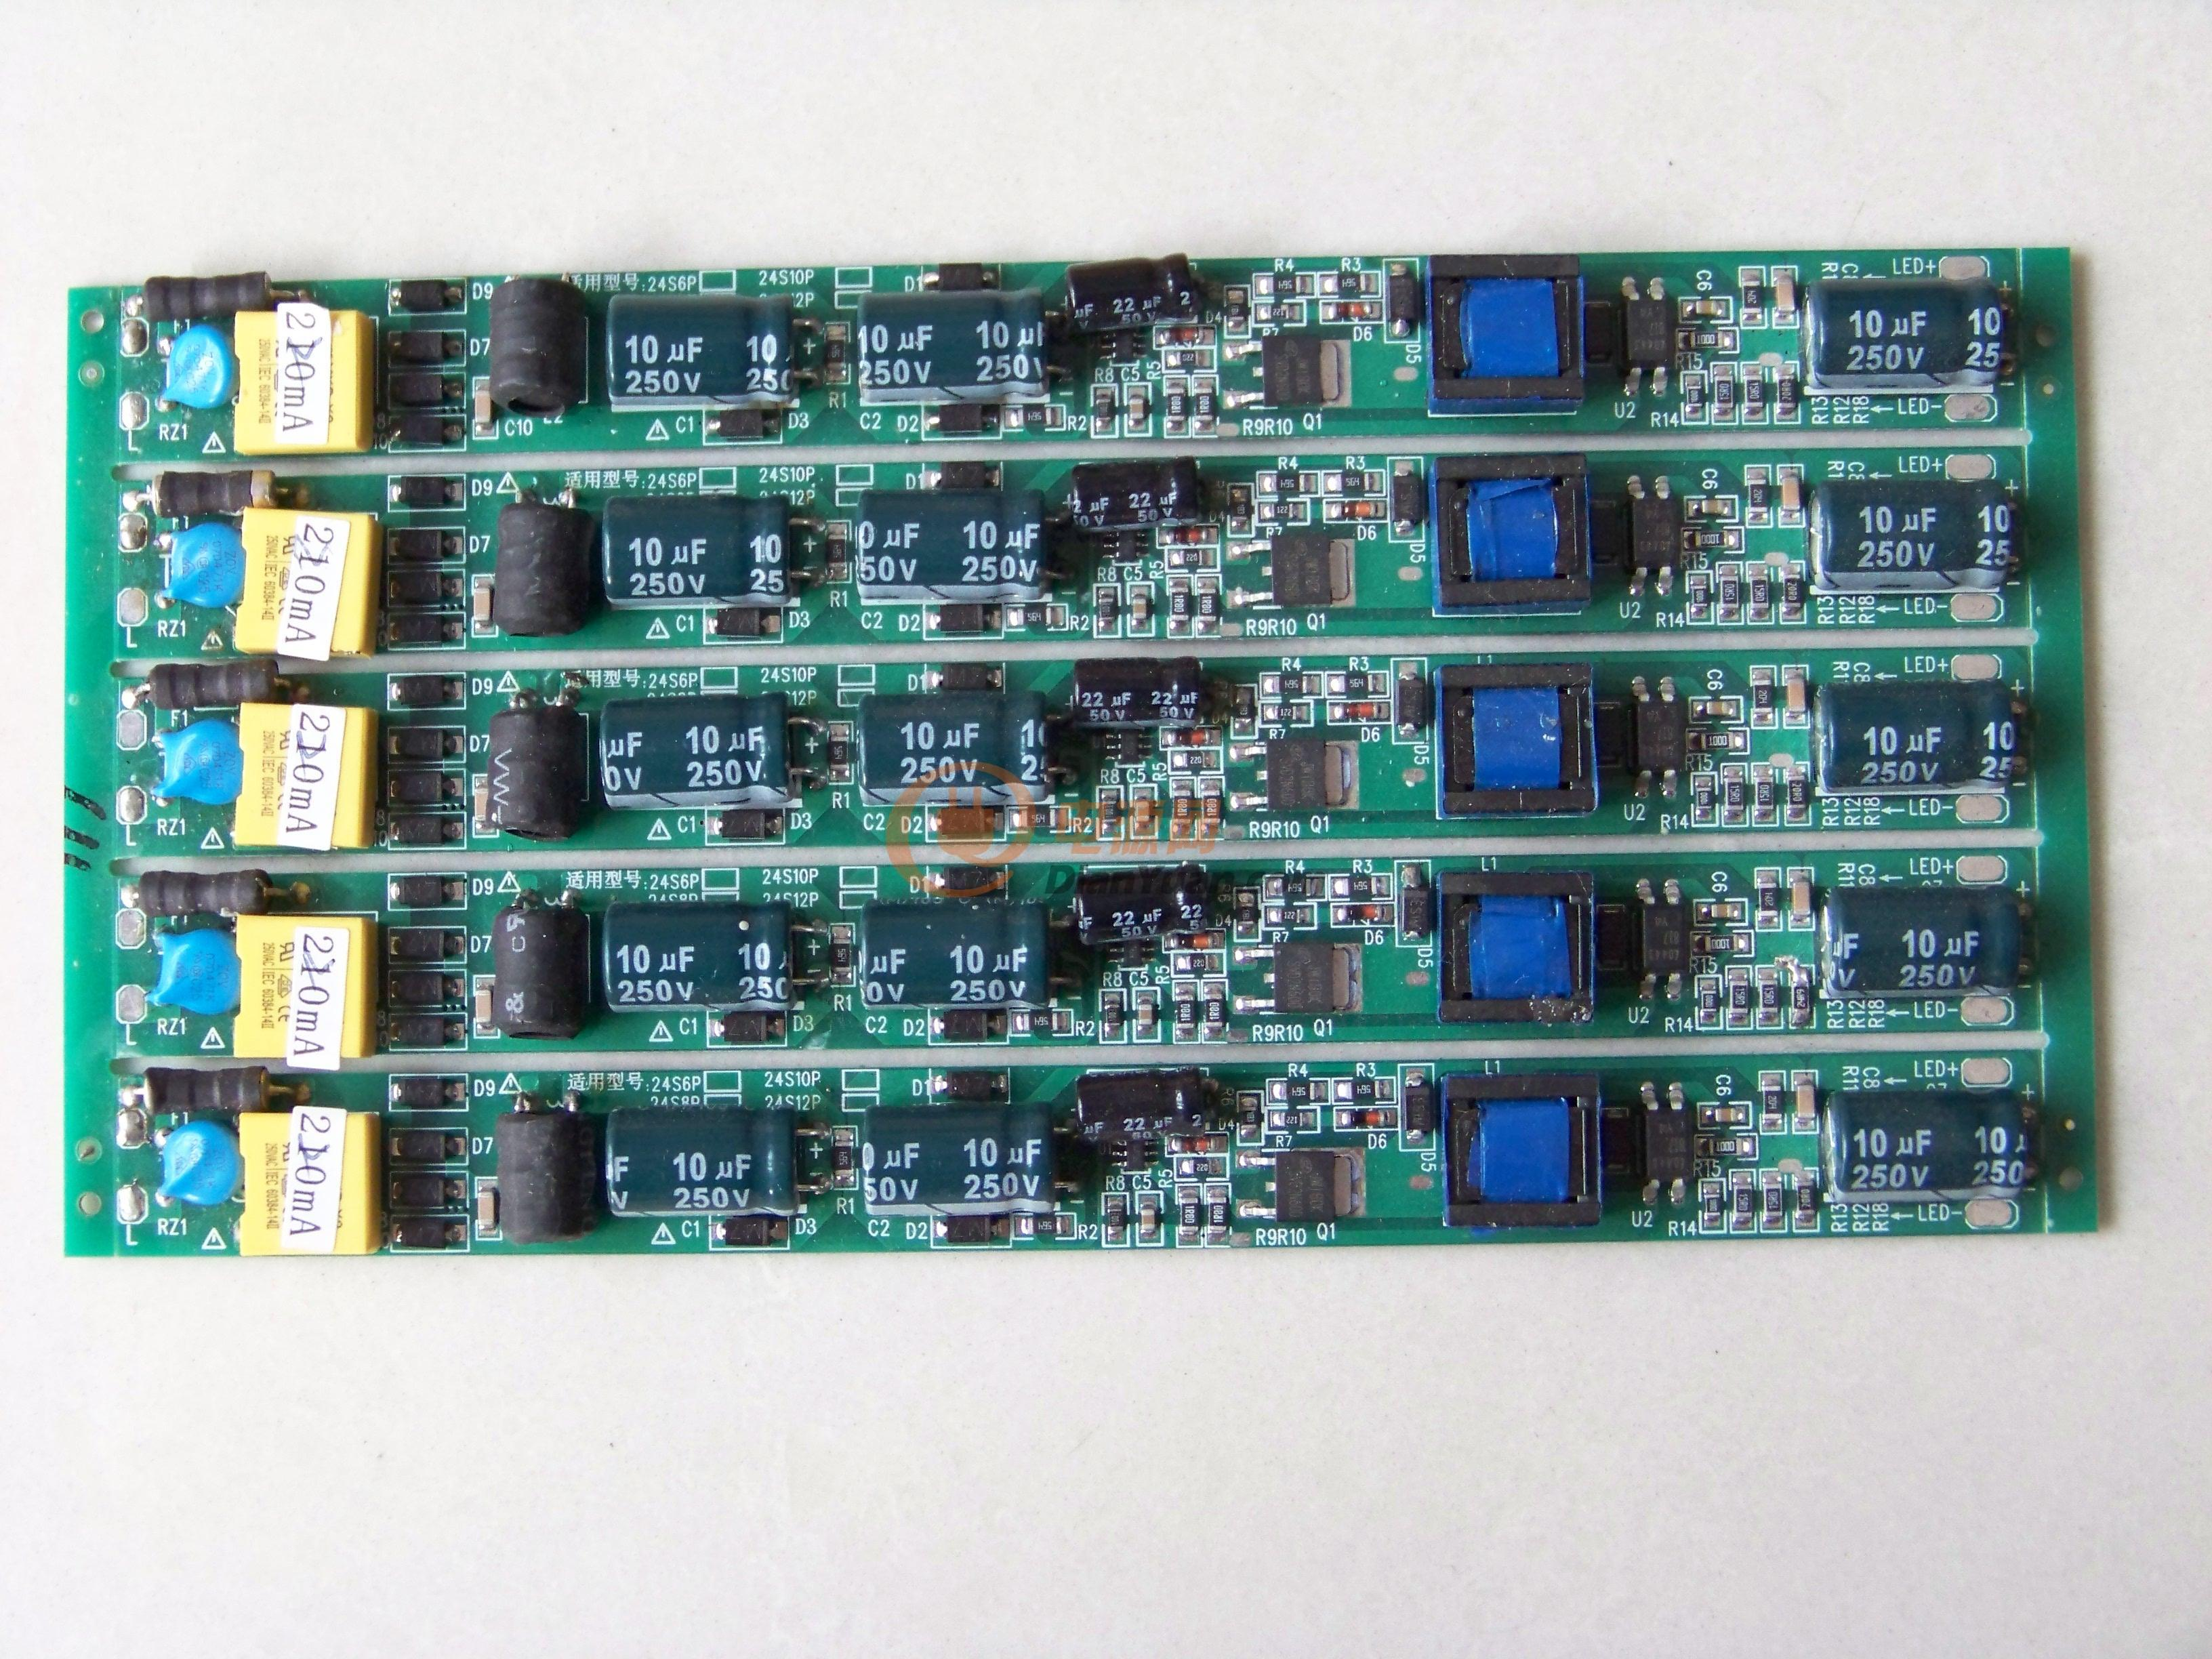 系统在90度以下,电流非常稳定。90度以上有轻微的负温度系数,这对于系统的安全是非常好的。(温度升高,电流减小,有助于减缓温度的进一步升高) 四、使用说明: 本产品两端各有两条引线,一端为AC输入端引两条黑色电子线,此端接AC150~265V交流电压,电源板上标示有L、N两个端点;另一端为DC输出端,PCB板上标示有LED+与LED-两个端点,各引一条红色与一条黑色电子线,红色接LED正极,黑色接LED负极。具体接线图如下:  注1:在装置电源时,请注意输入、输出端的正确安接,确认无误后才能通电; 注2: